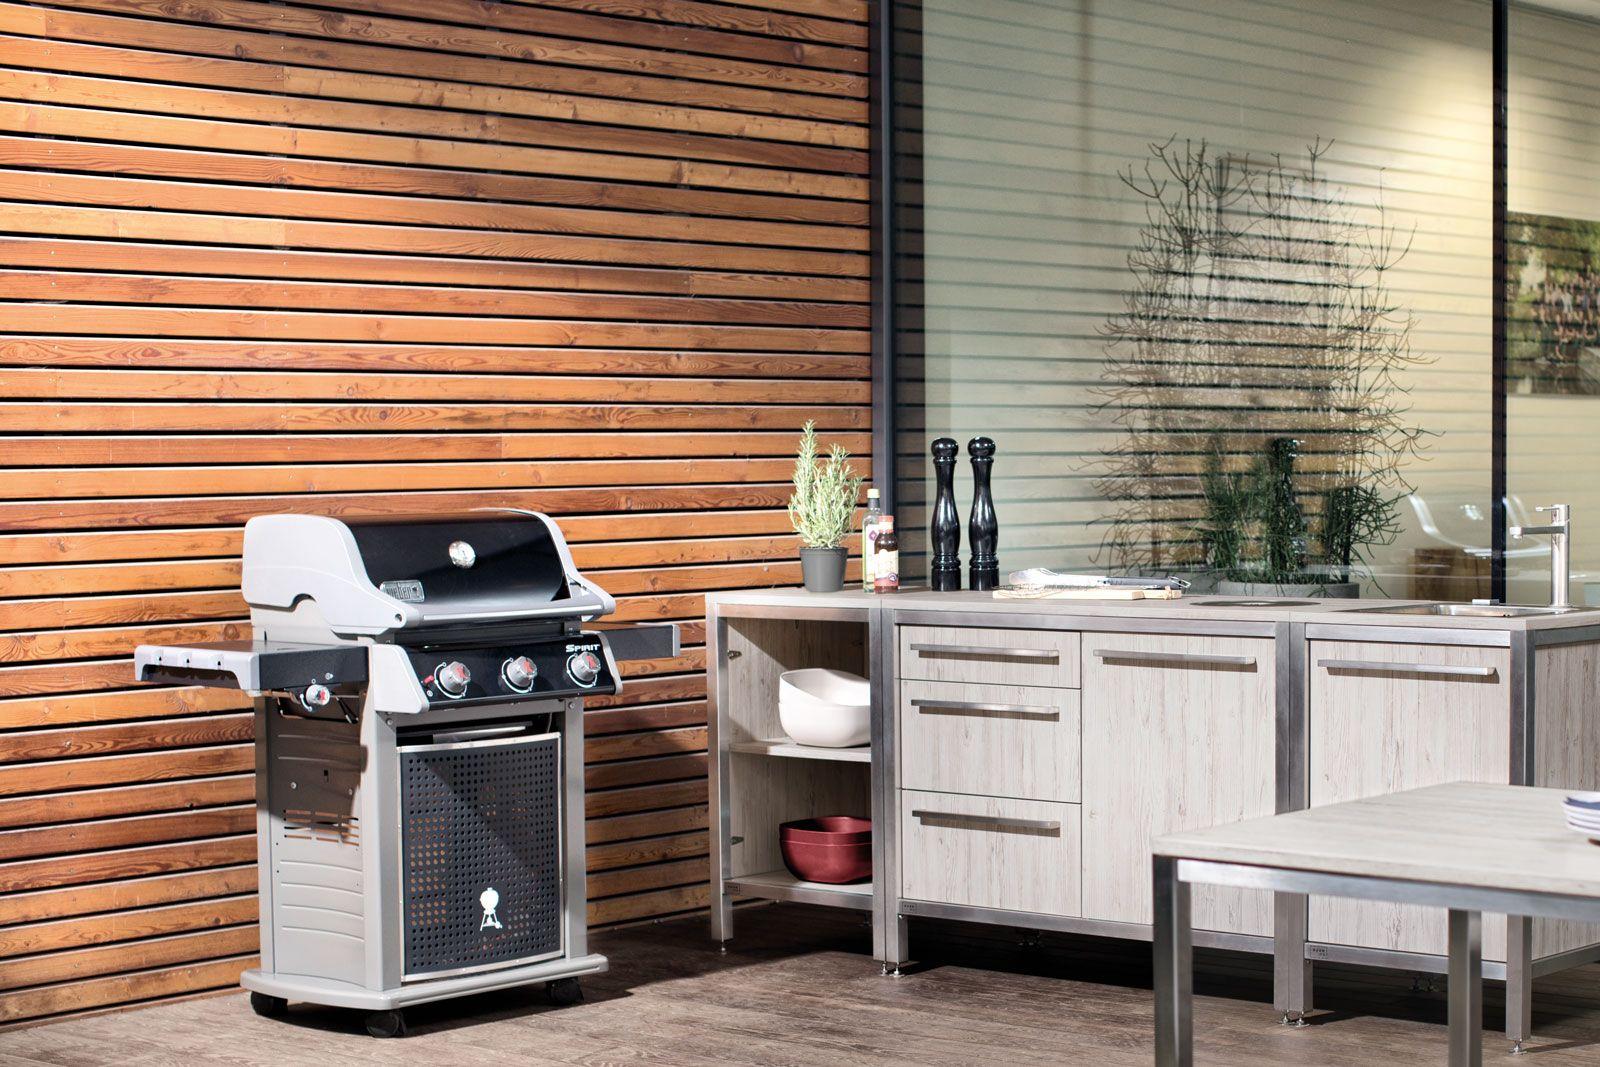 Unsere Kuchen Burnout Kitchen Die Outdoorkuche Home Appliances Decor Home